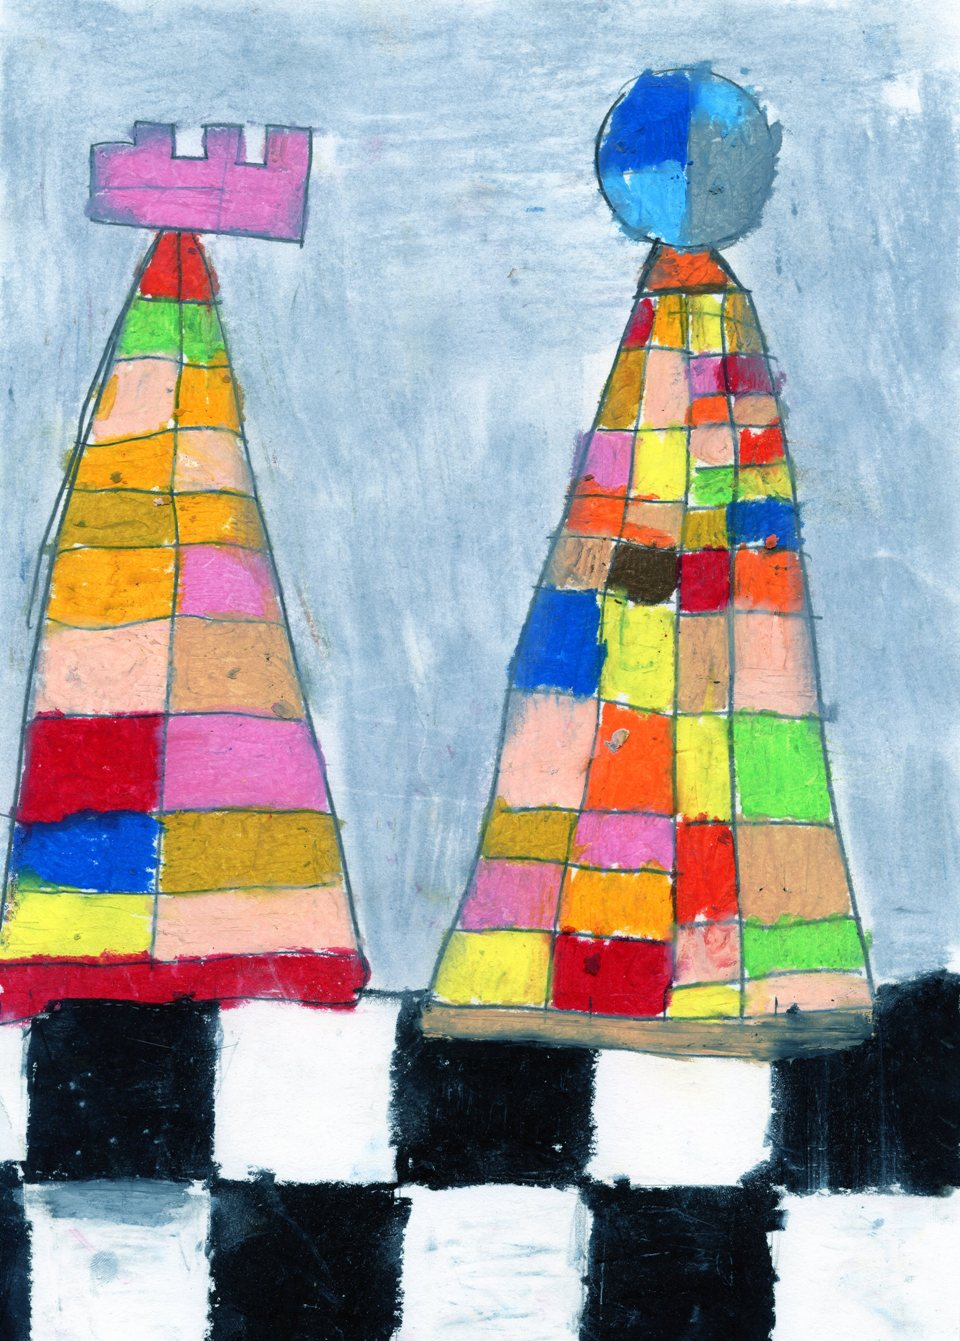 rysunek, autor, Jakub Krupnik, 14 lat, Specjalny Ośrodek Szkolno-Wychowawczy w Oświęcimiu, konkurs plastyczny, KRÓLEWSKA GRA, SZACHY dla dzieci, MDK Śródmieście Wrocław, listopad 2015, interaktywny podręcznik szachowy, piękno szachów,